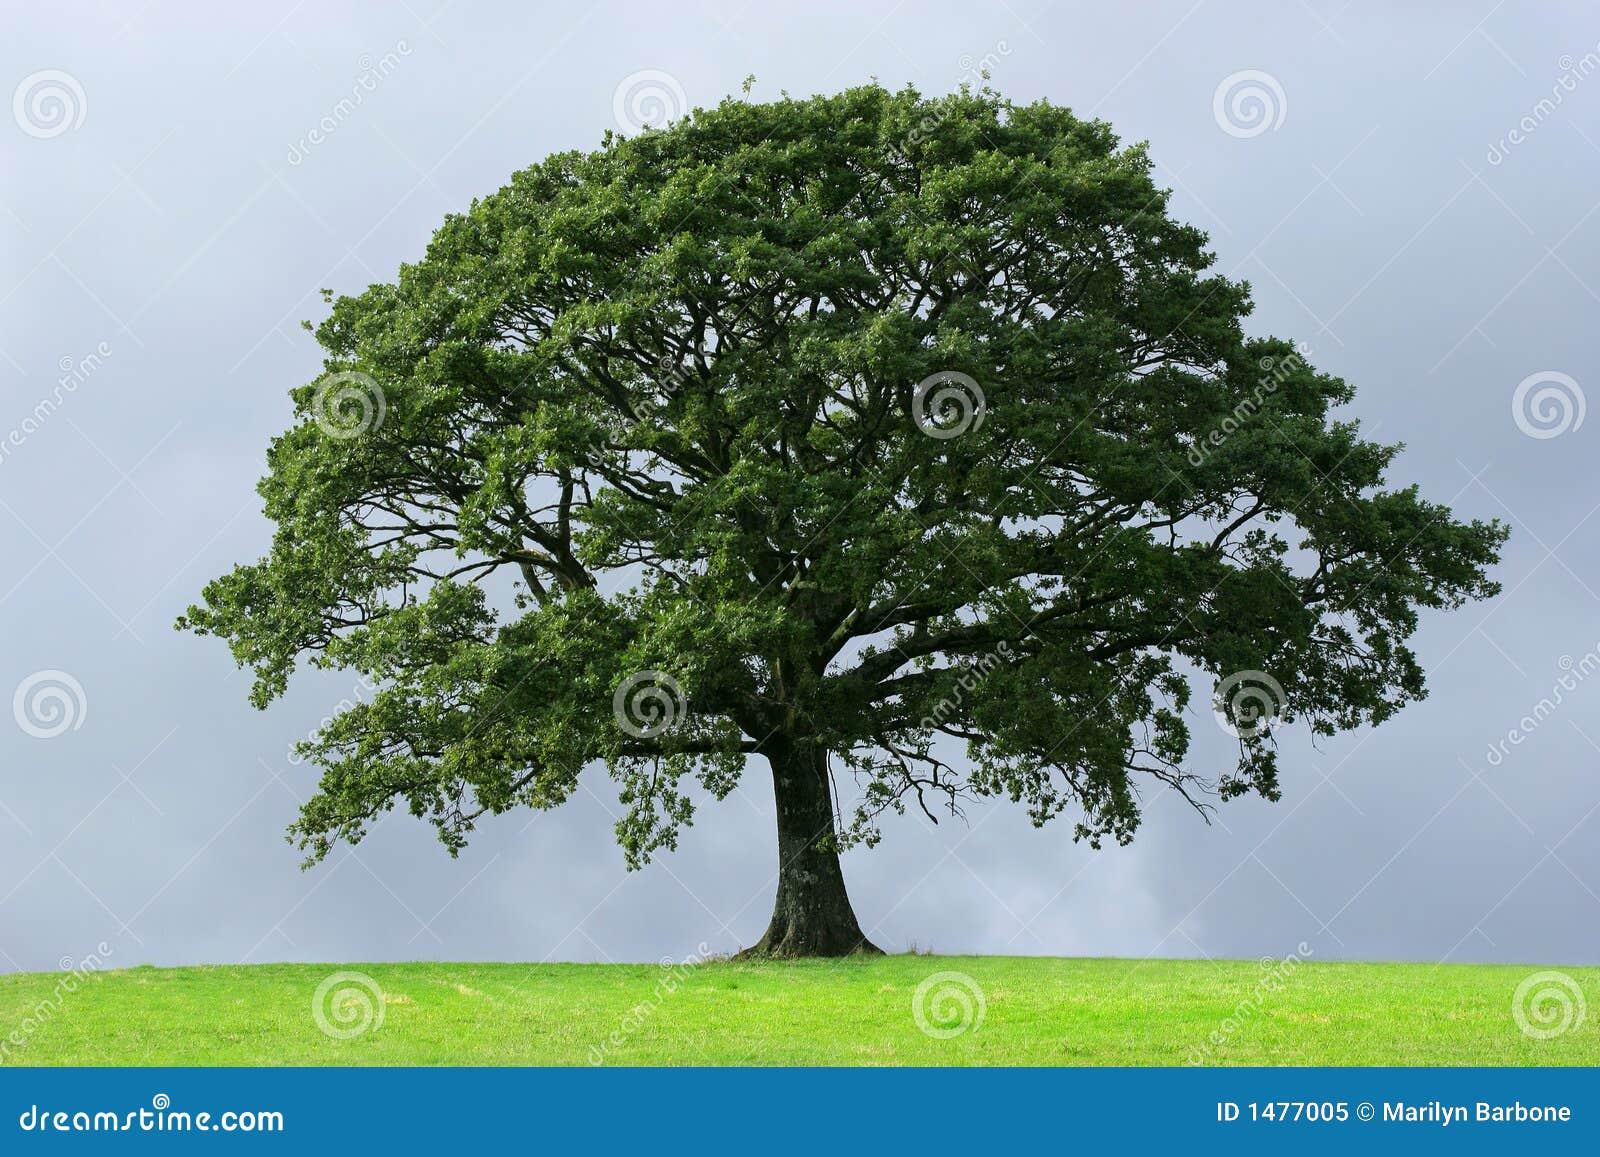 El árbol De Roble Foto de archivo libre de regalías - Imagen: 1477005